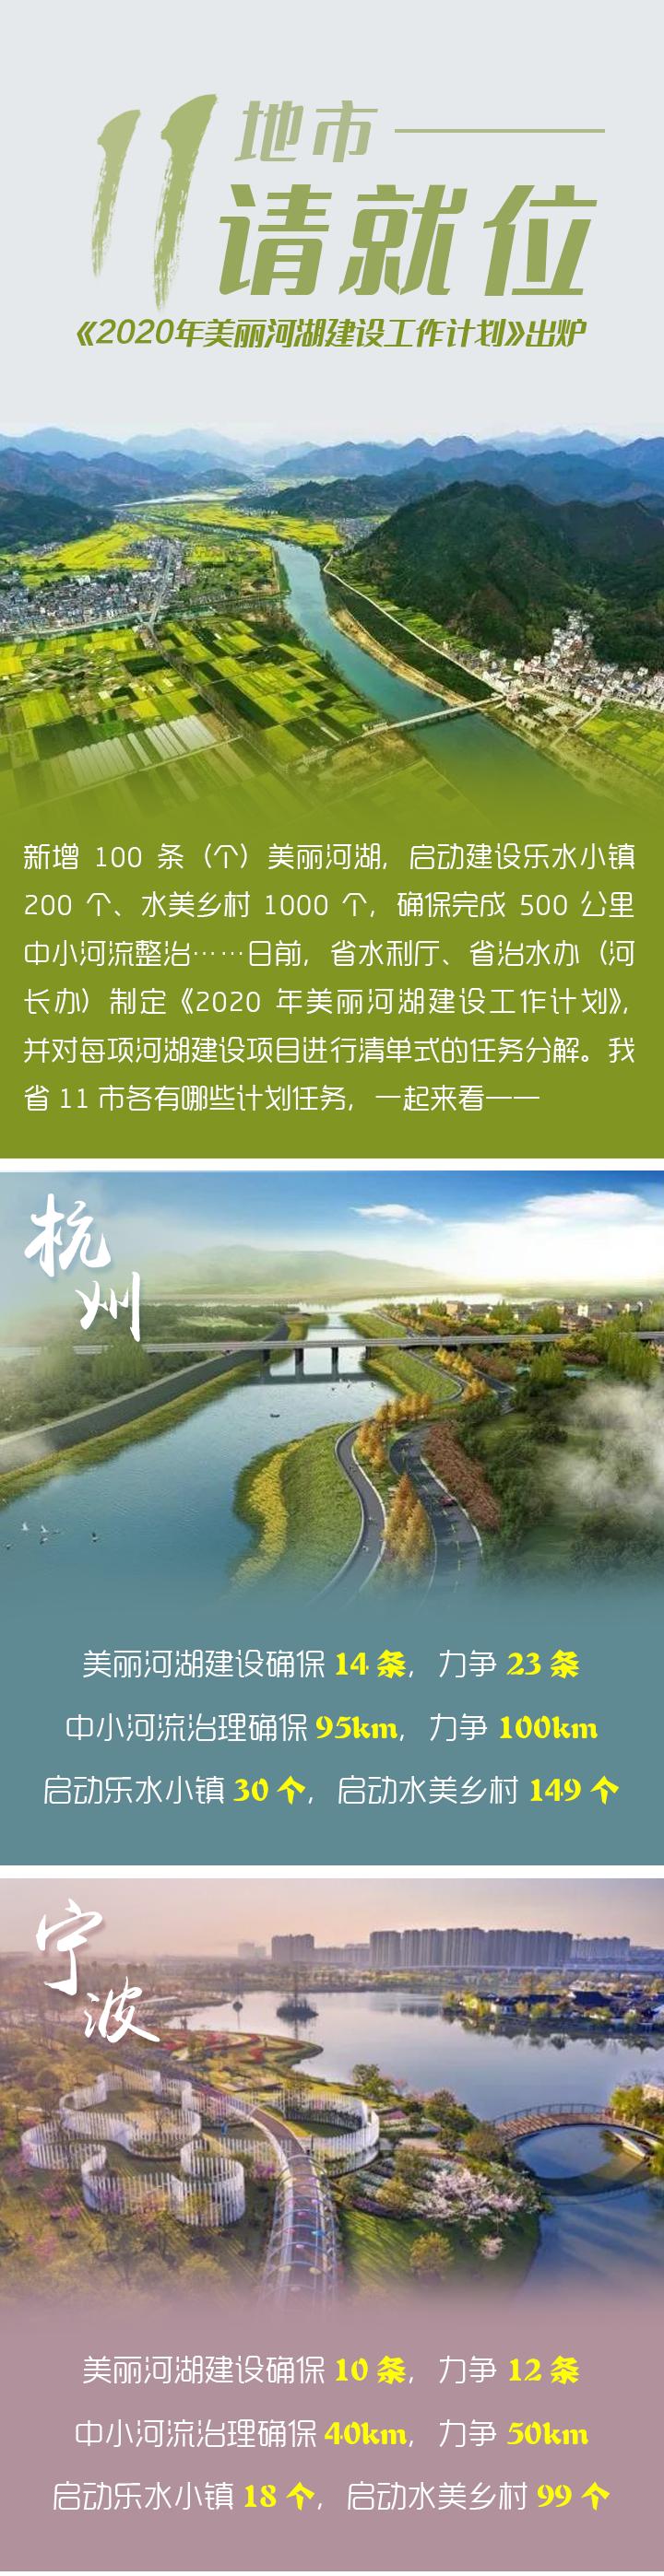 美丽河湖11地市_01.png